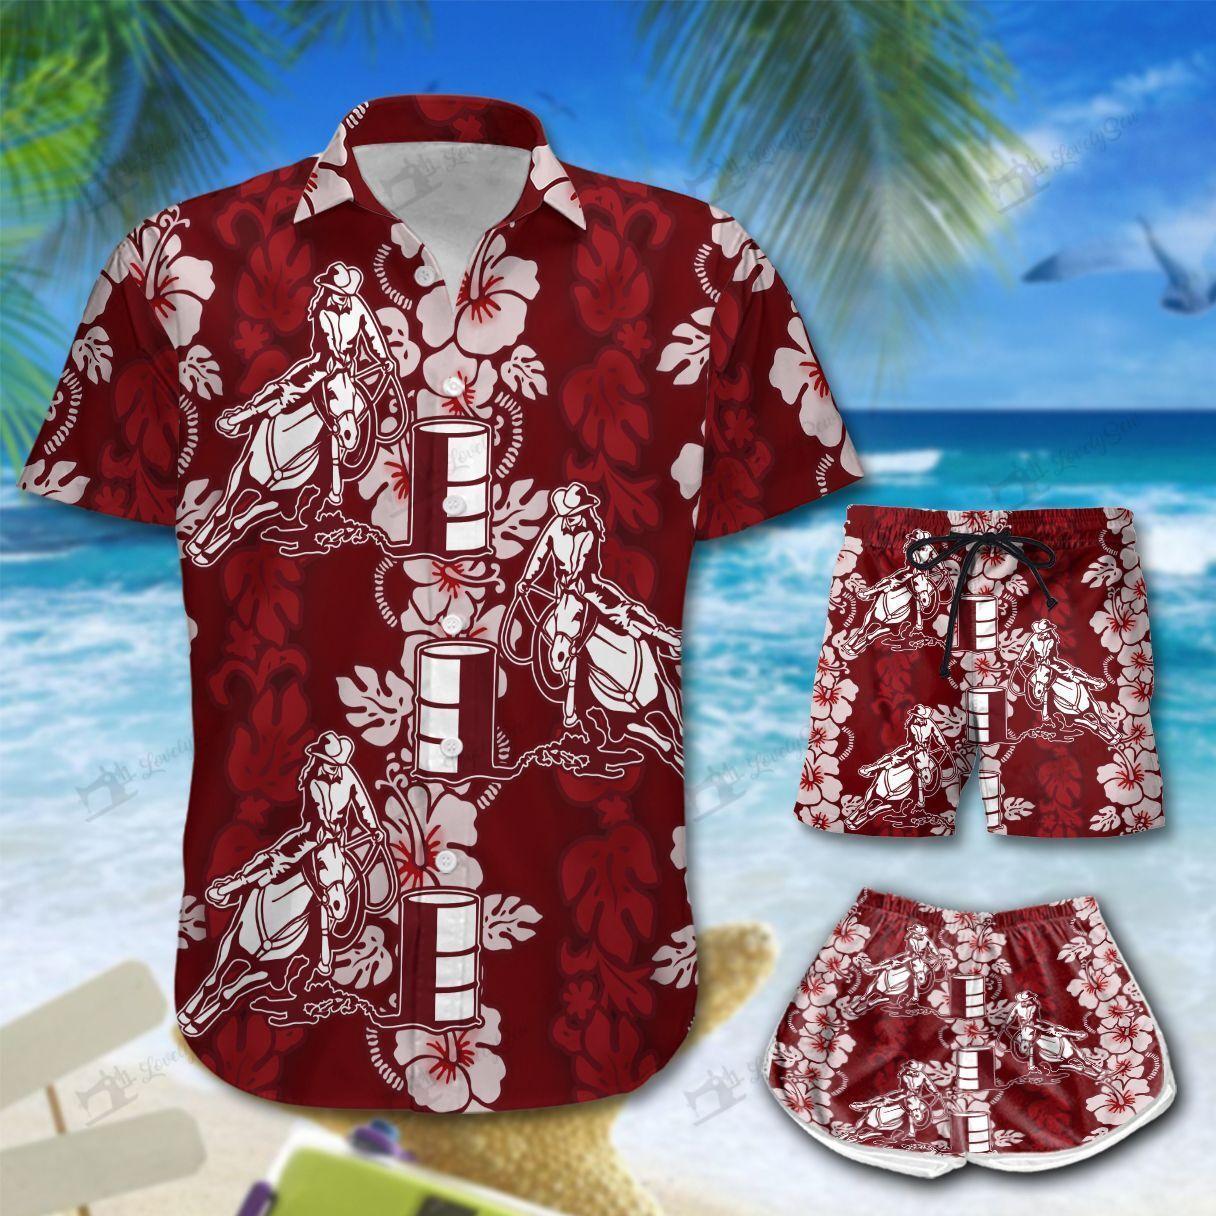 Barrel racing red Hawaii Shirt and Shorts